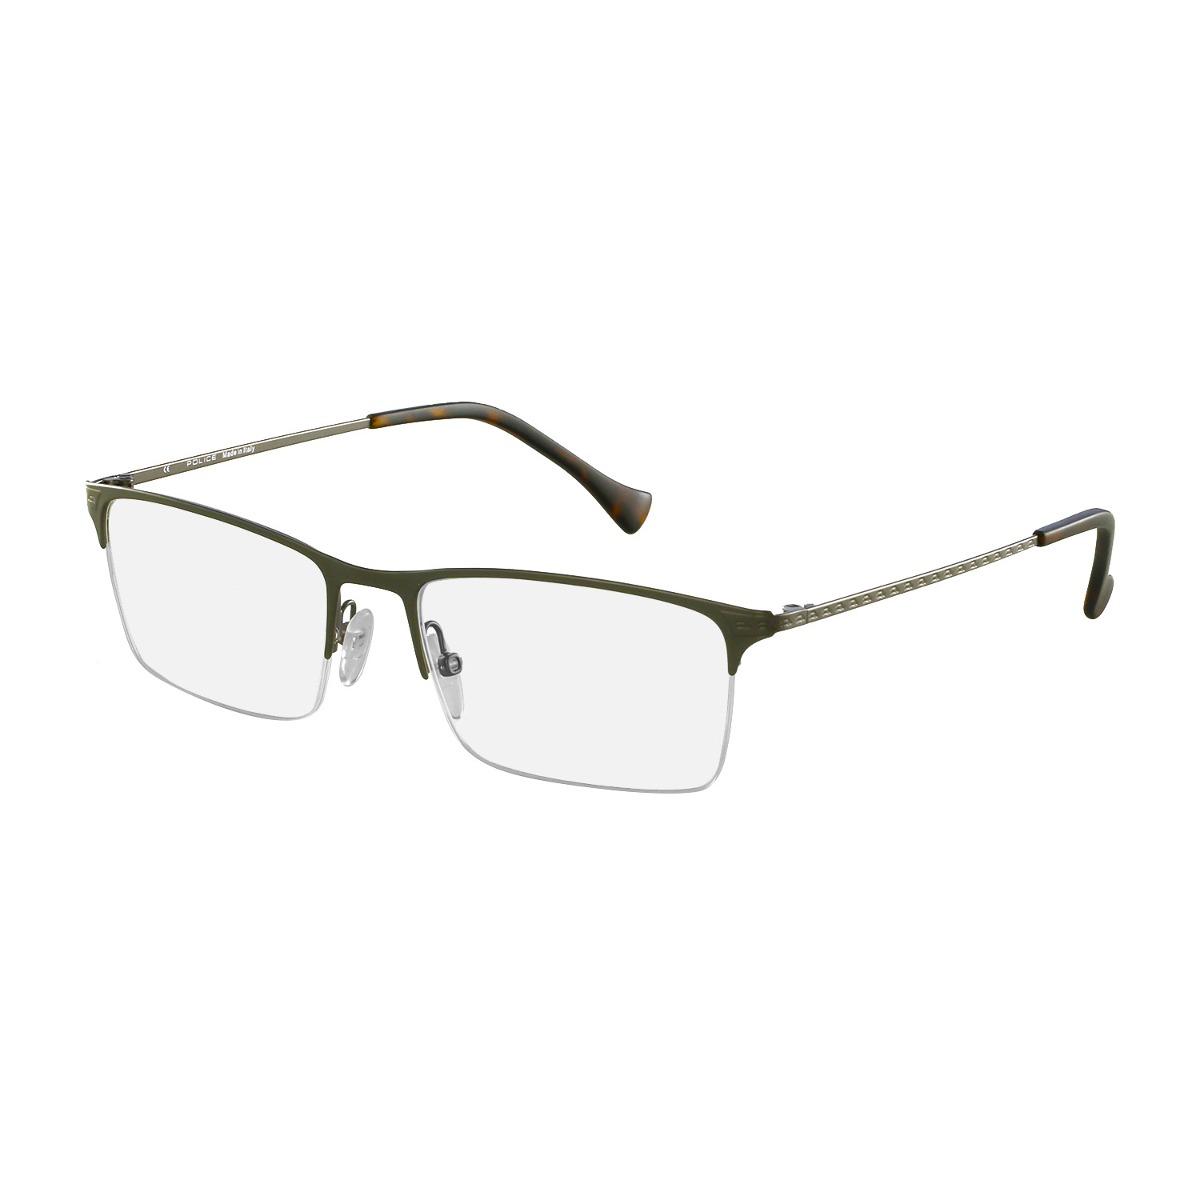 Óculos De Grau Police Clássico Cinza - R  616,00 em Mercado Livre 74a36c1f60